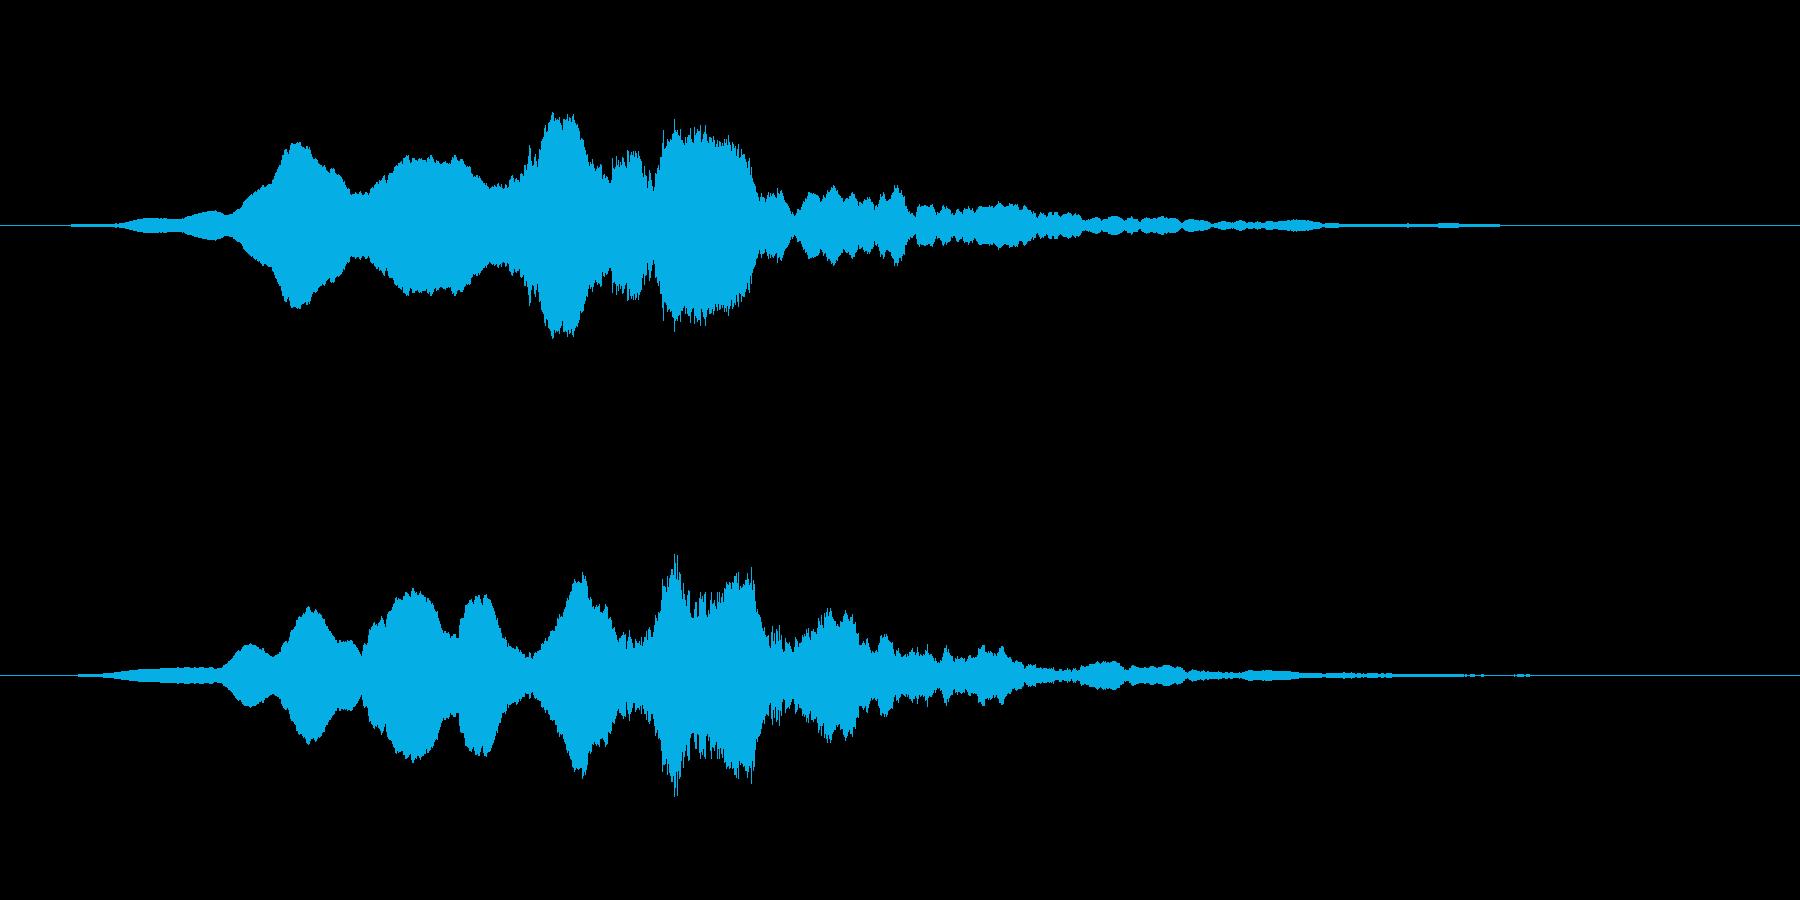 ヒューーーン!通過音の再生済みの波形